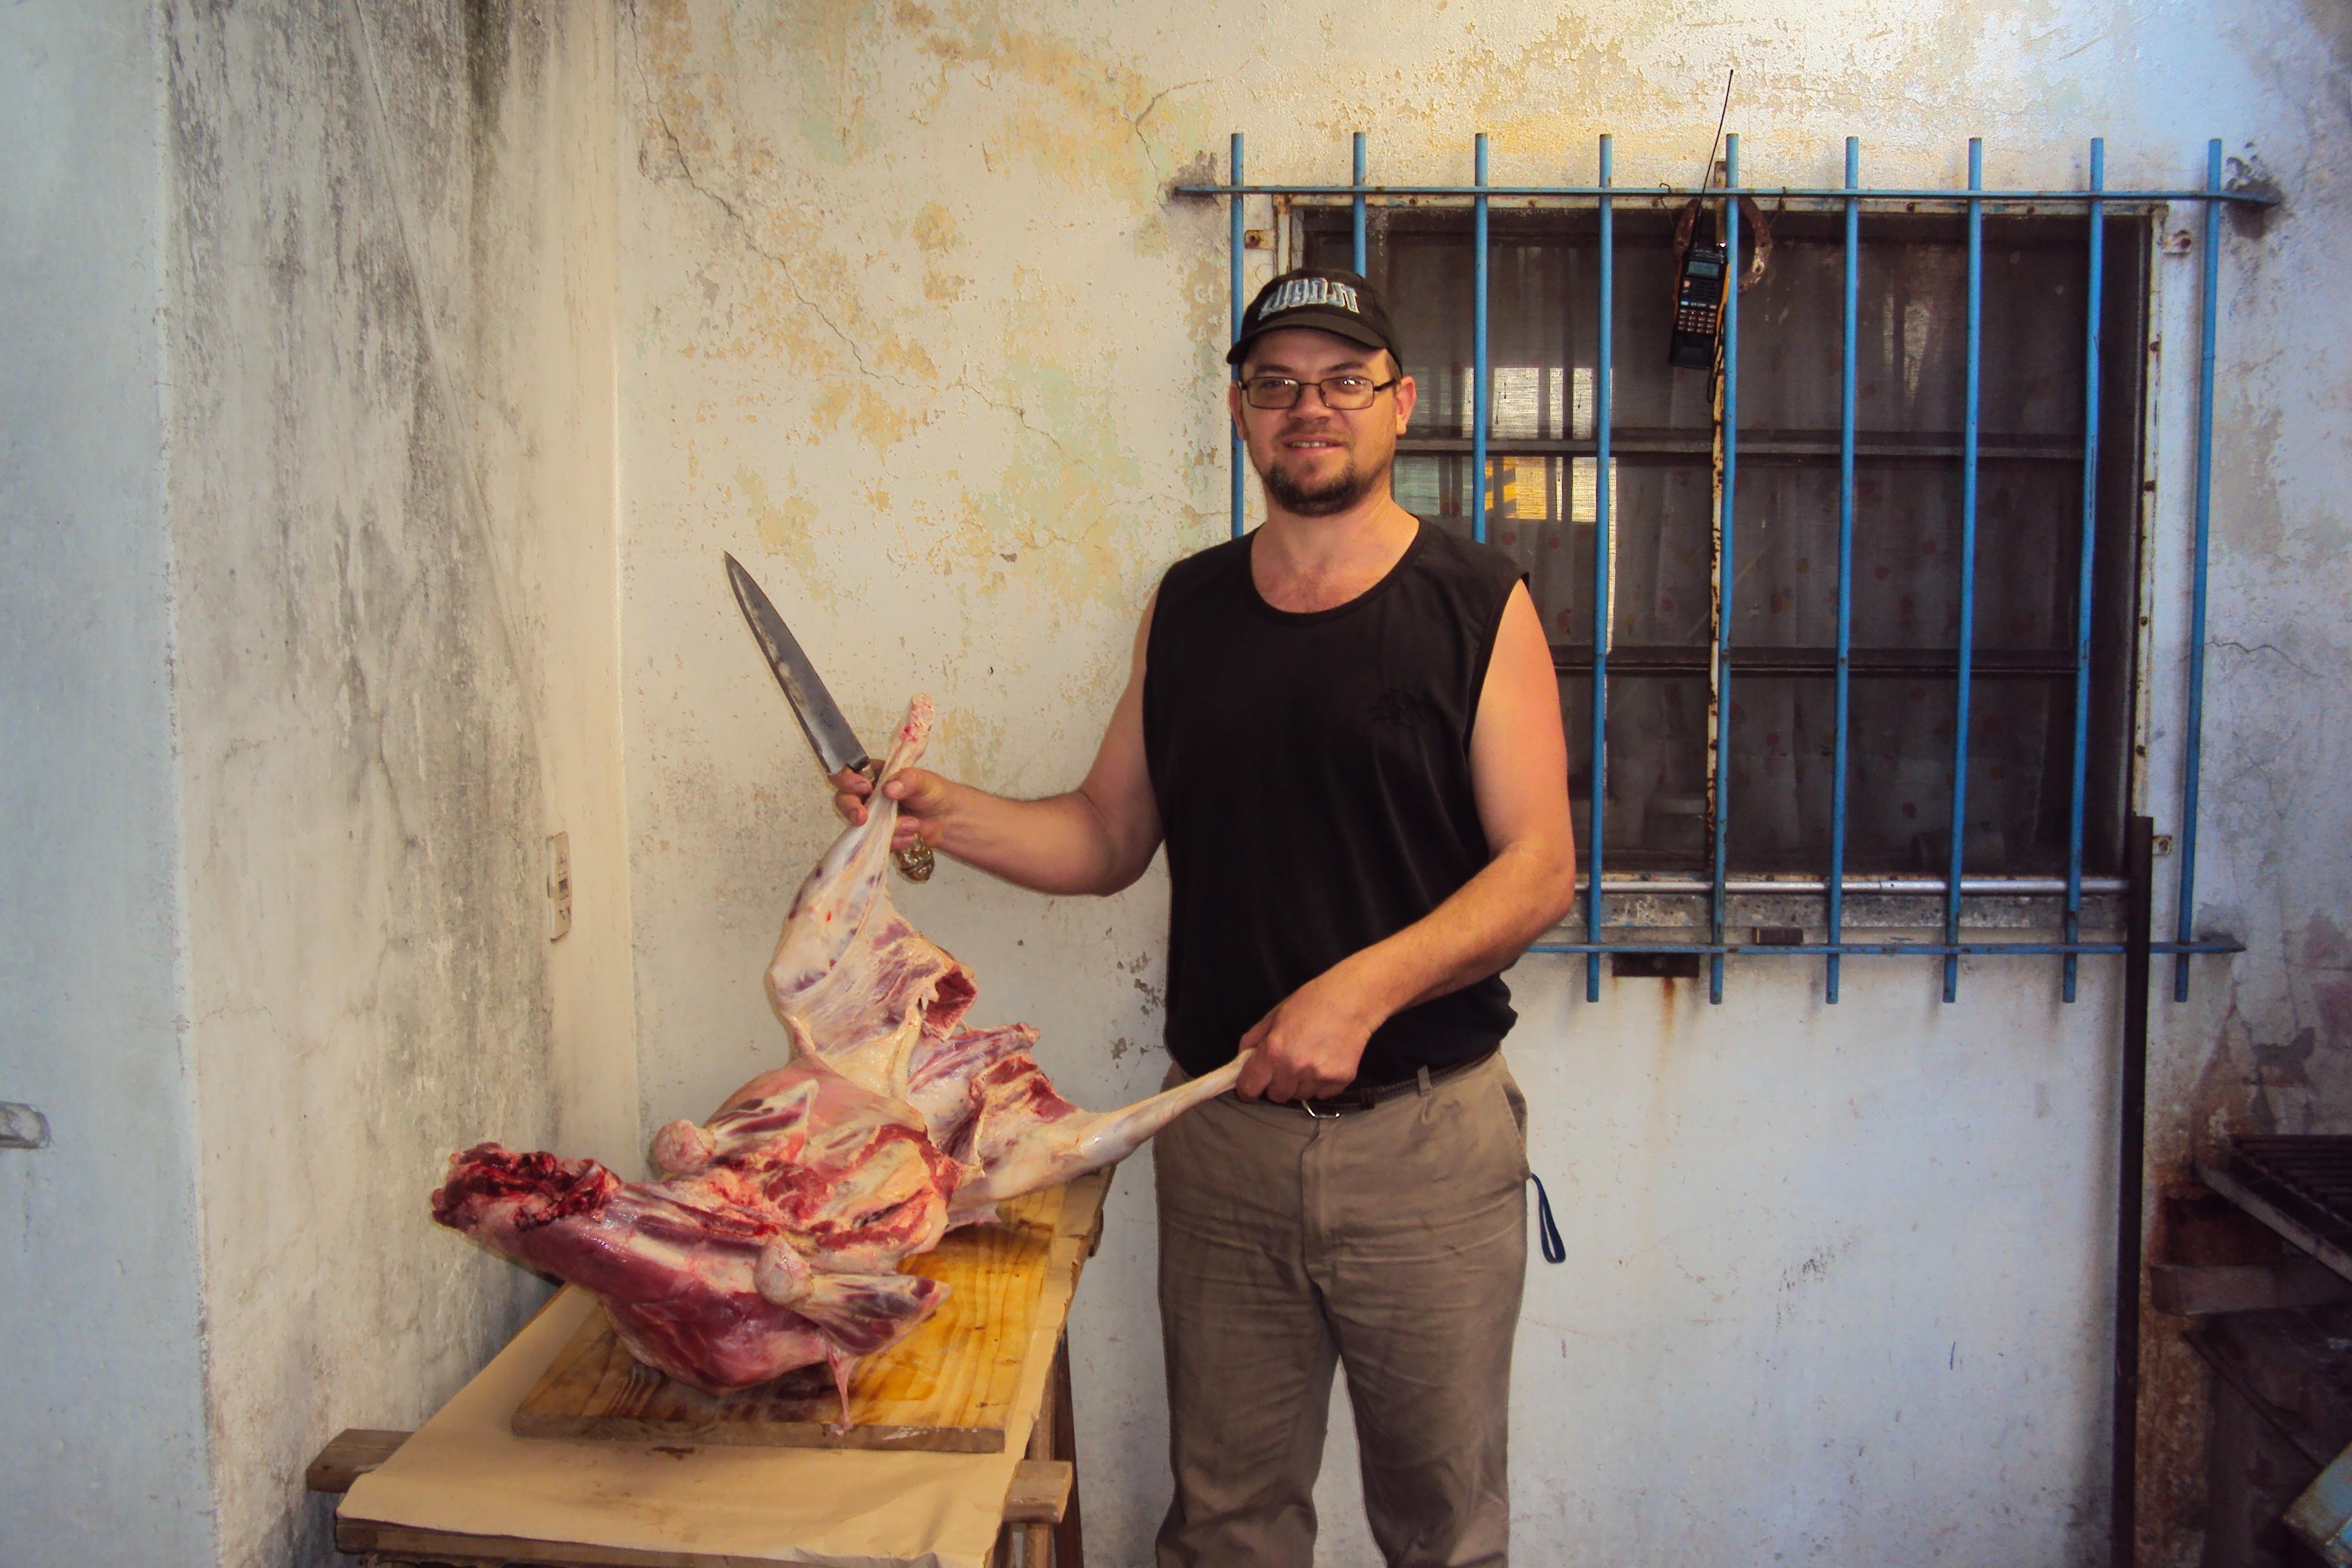 22-9-2018 Asado festejando la primavera. Javier (LU9DJT) preparando el corderito.